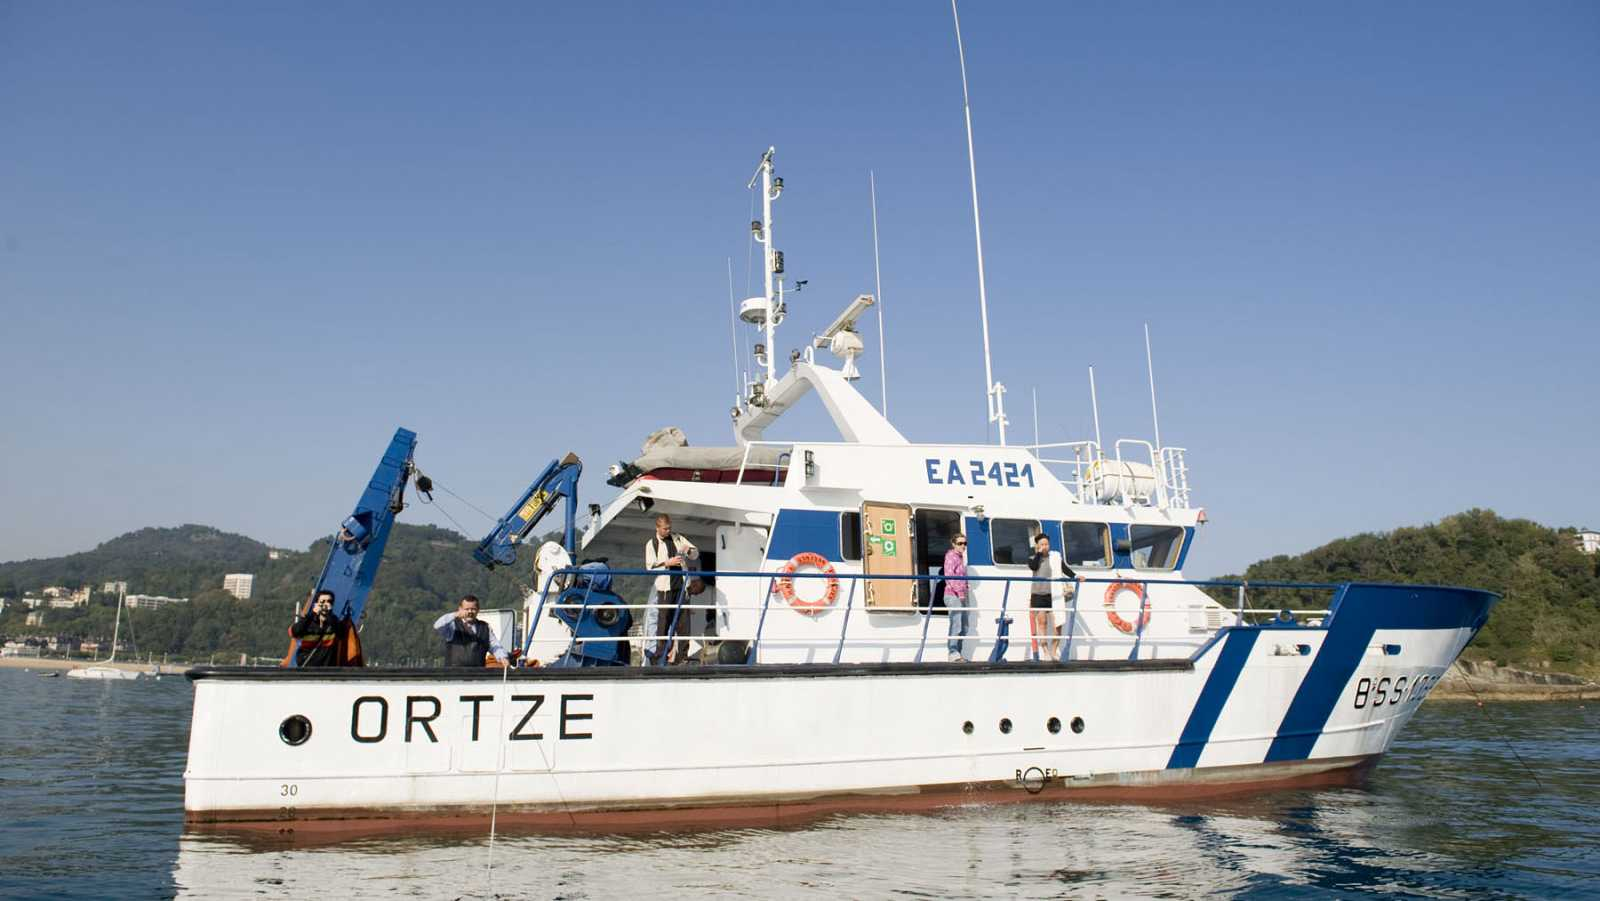 Españoles en la mar - Primer buque eléctrico-híbrido fabricado en el País Vasco - 19/10/20 - escuchar ahora